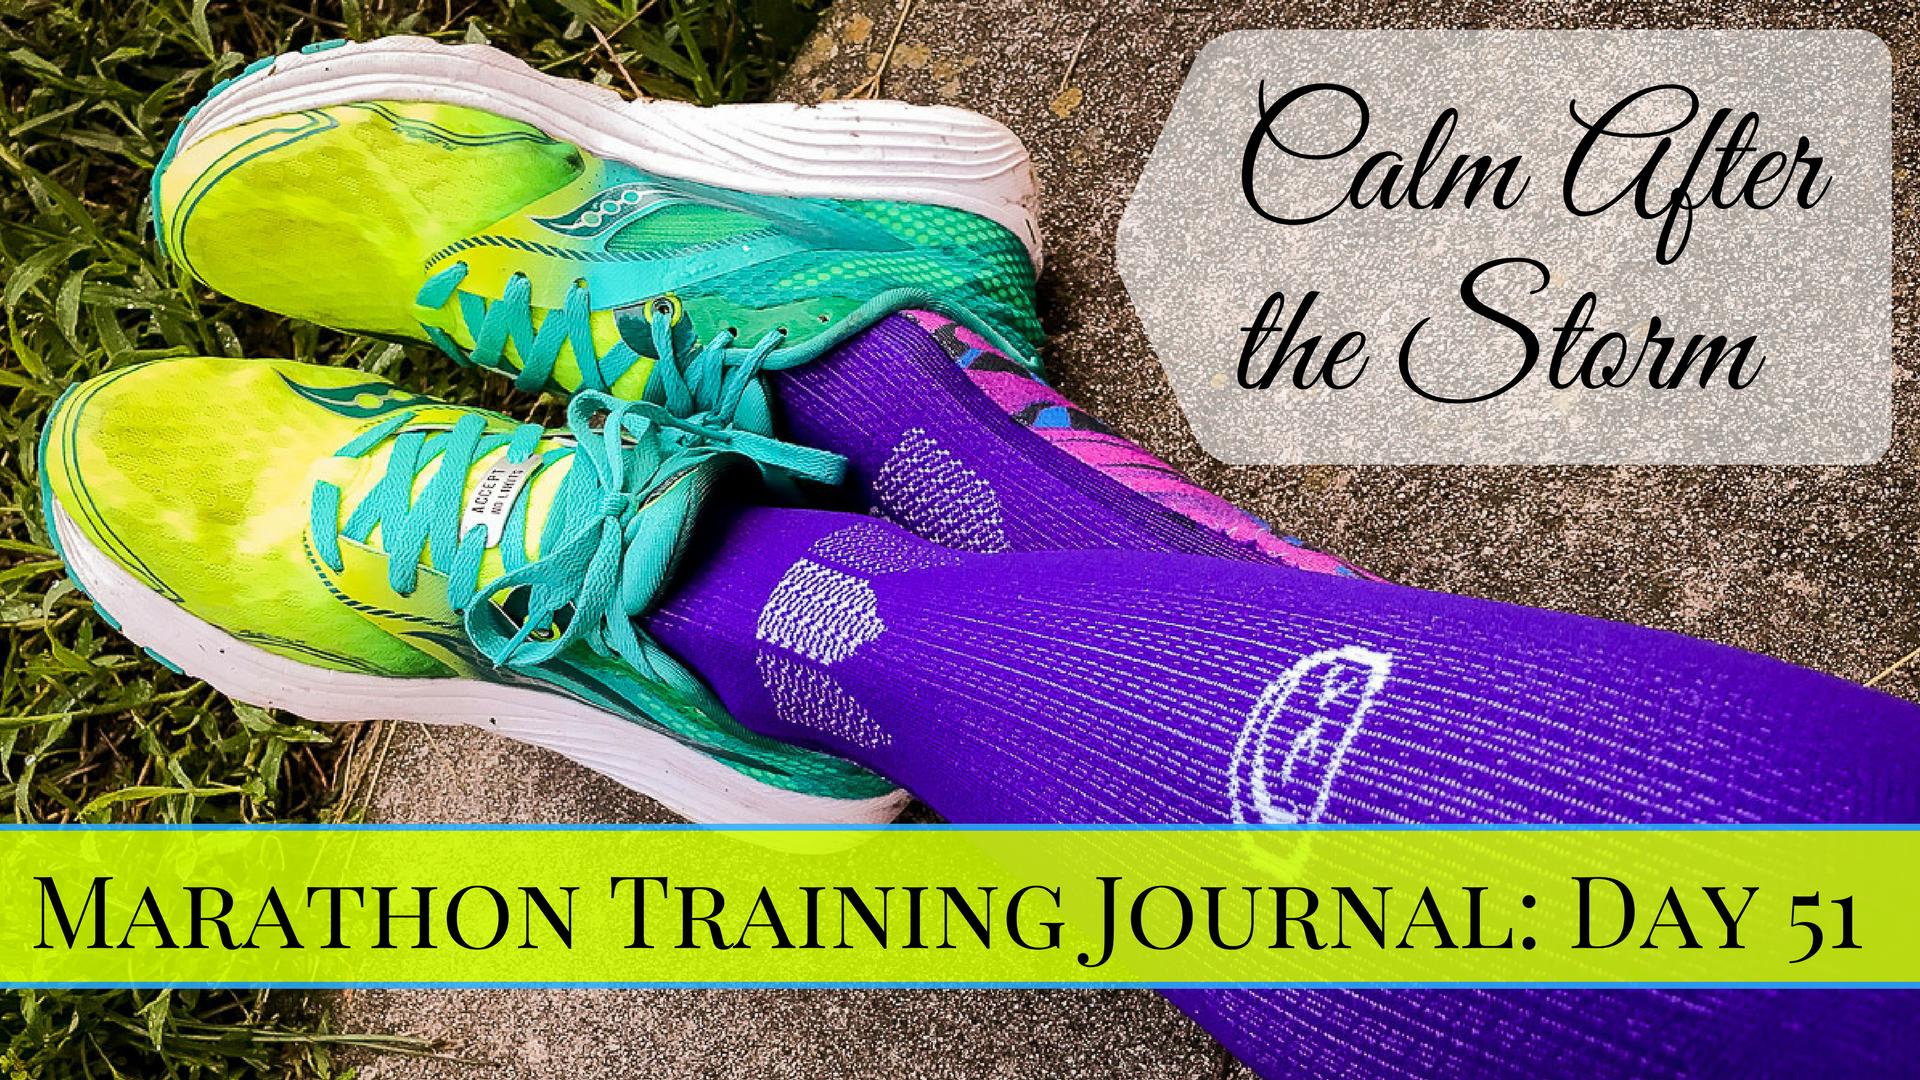 Marathon Trainin Journal- Day 51